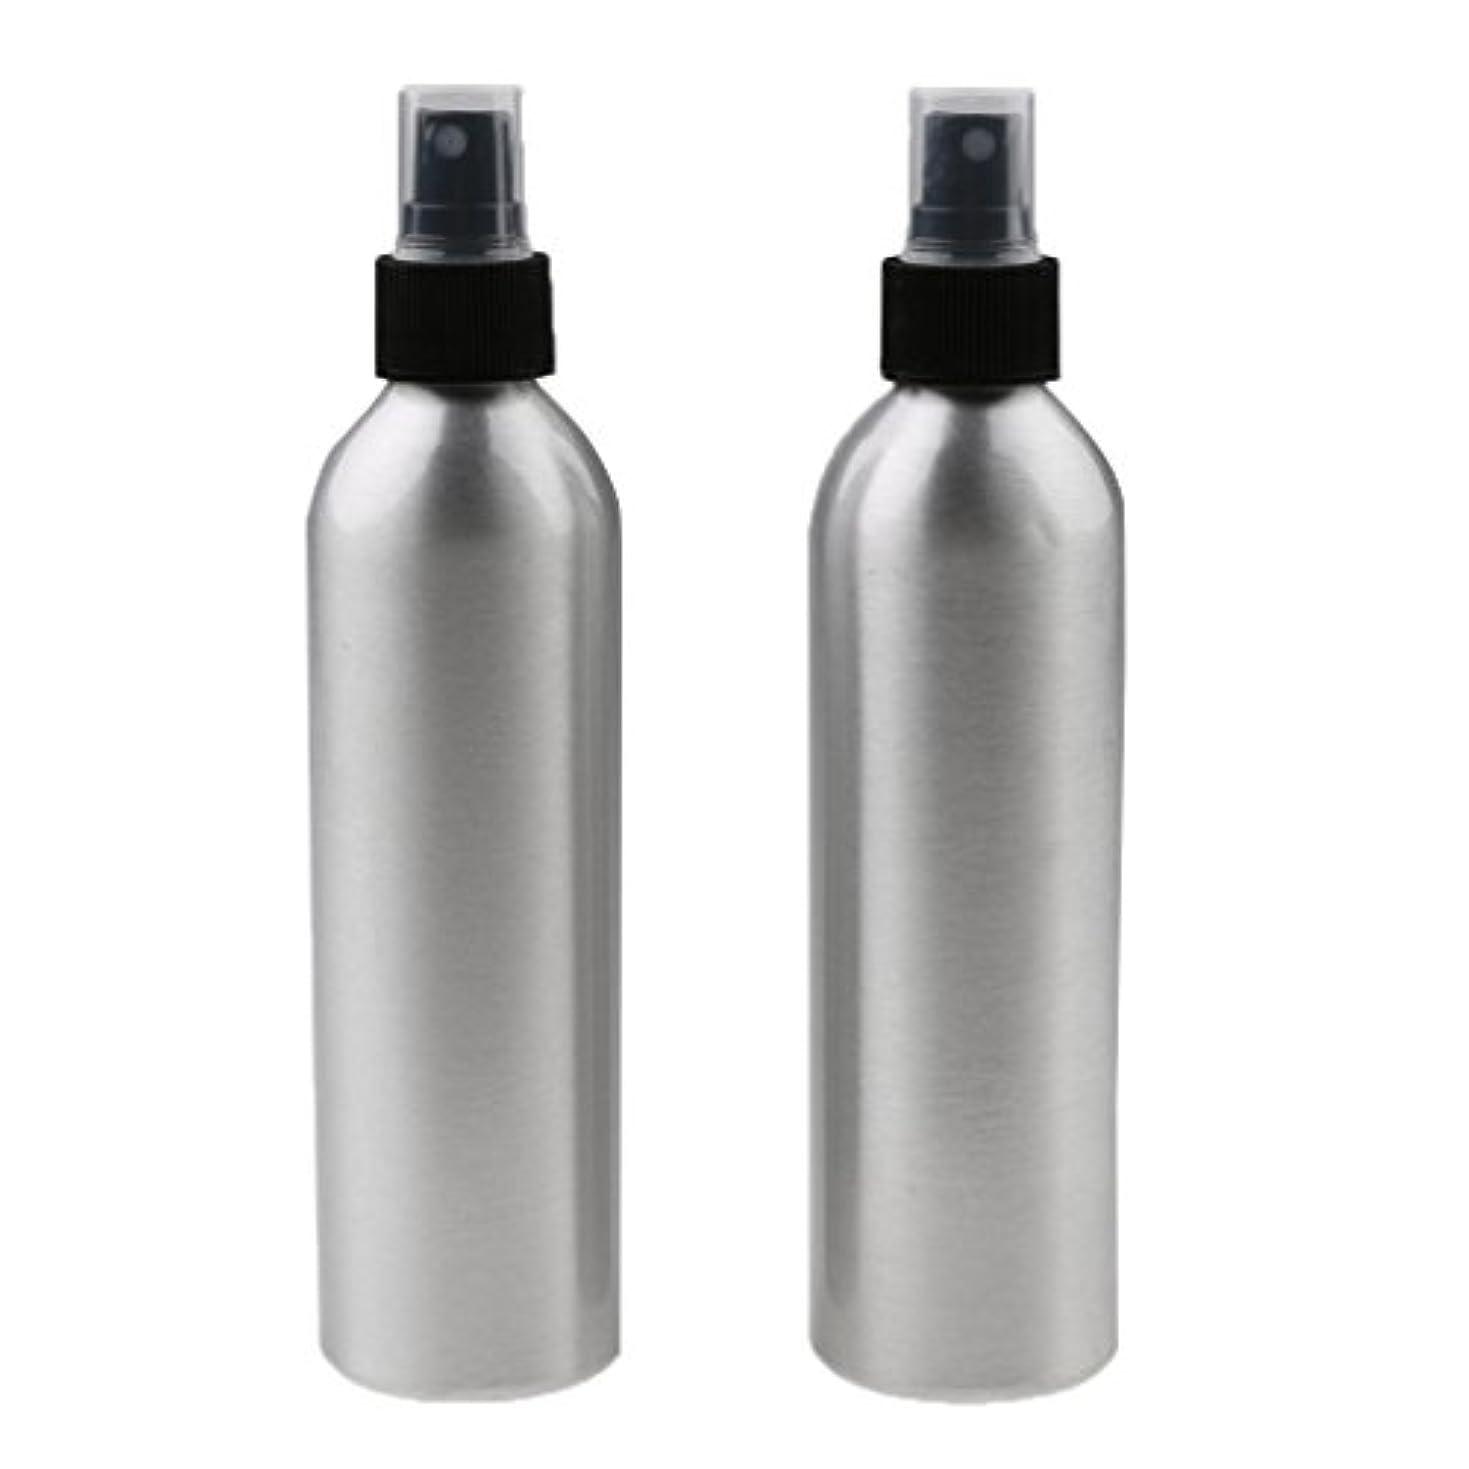 オーケストラ妻密度SONONIA 2個入り 旅行 アルミ ミスト スプレー 香水ボトル メイクアップ スプレー アトマイザー 小分けボトル  漏れ防止 出張 海外旅行用 全4サイズ - 250ml